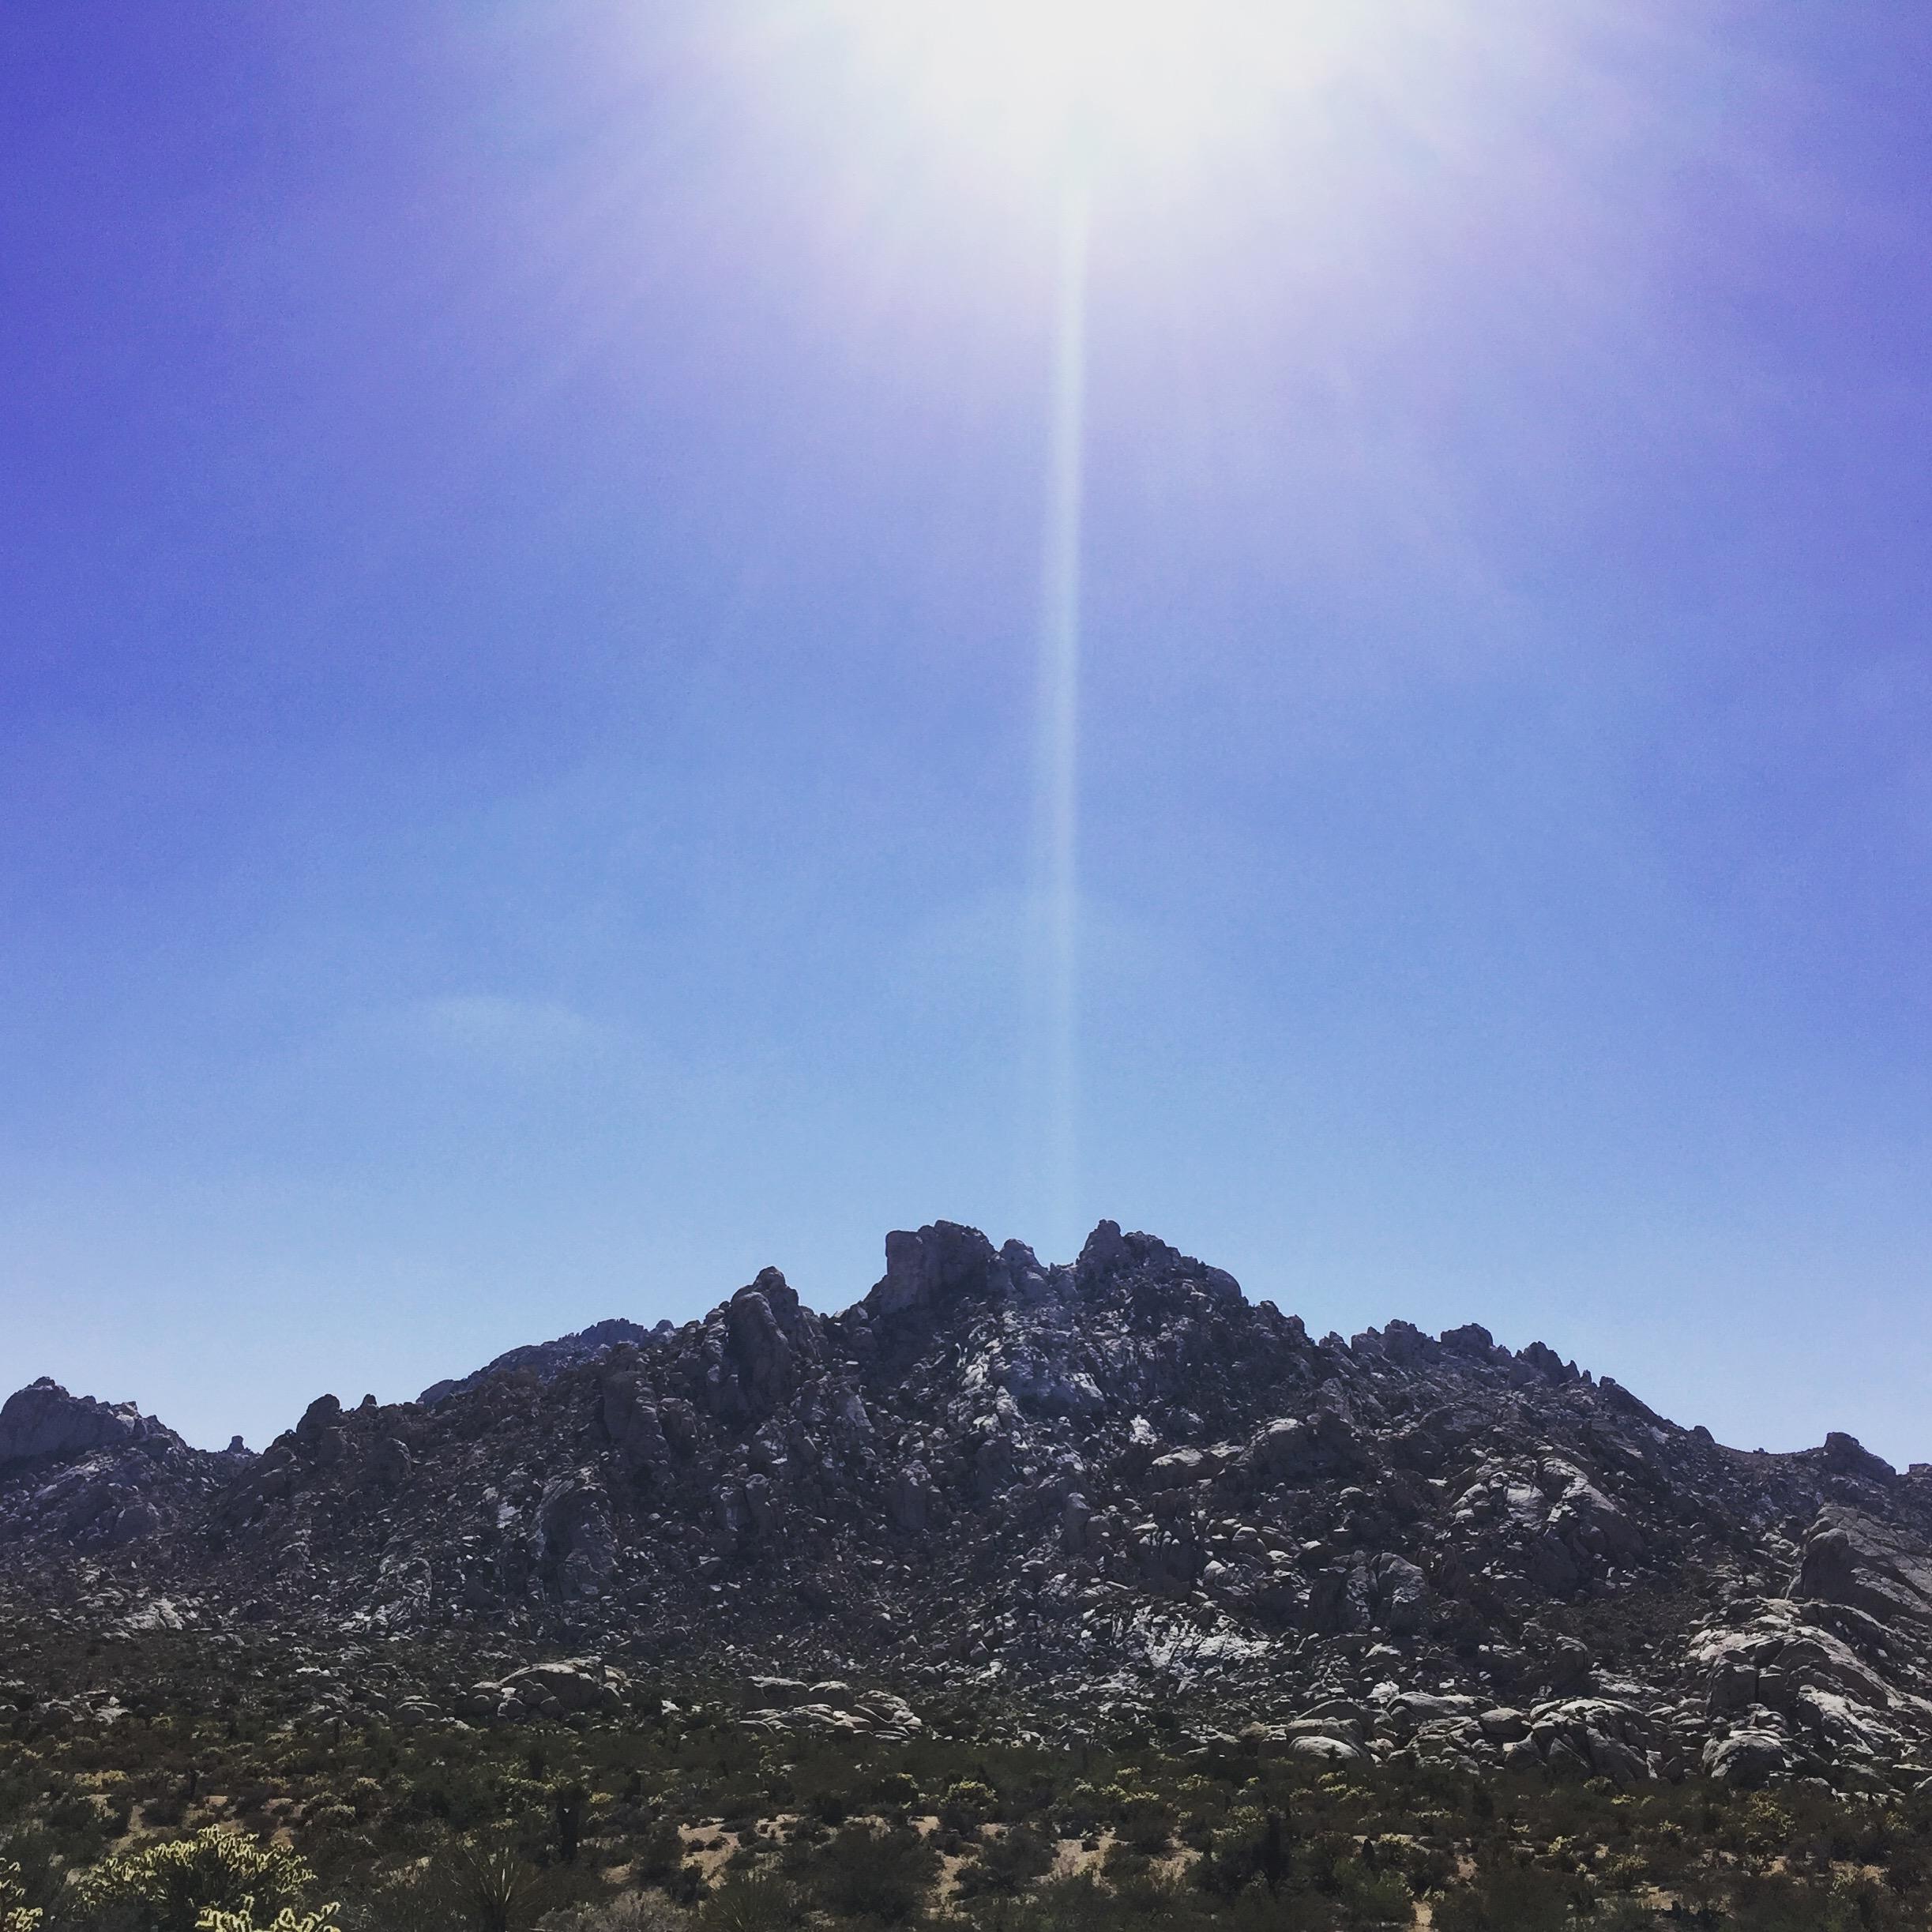 4-day-hot-yoga-retreat-desert-hot-springs.JPG